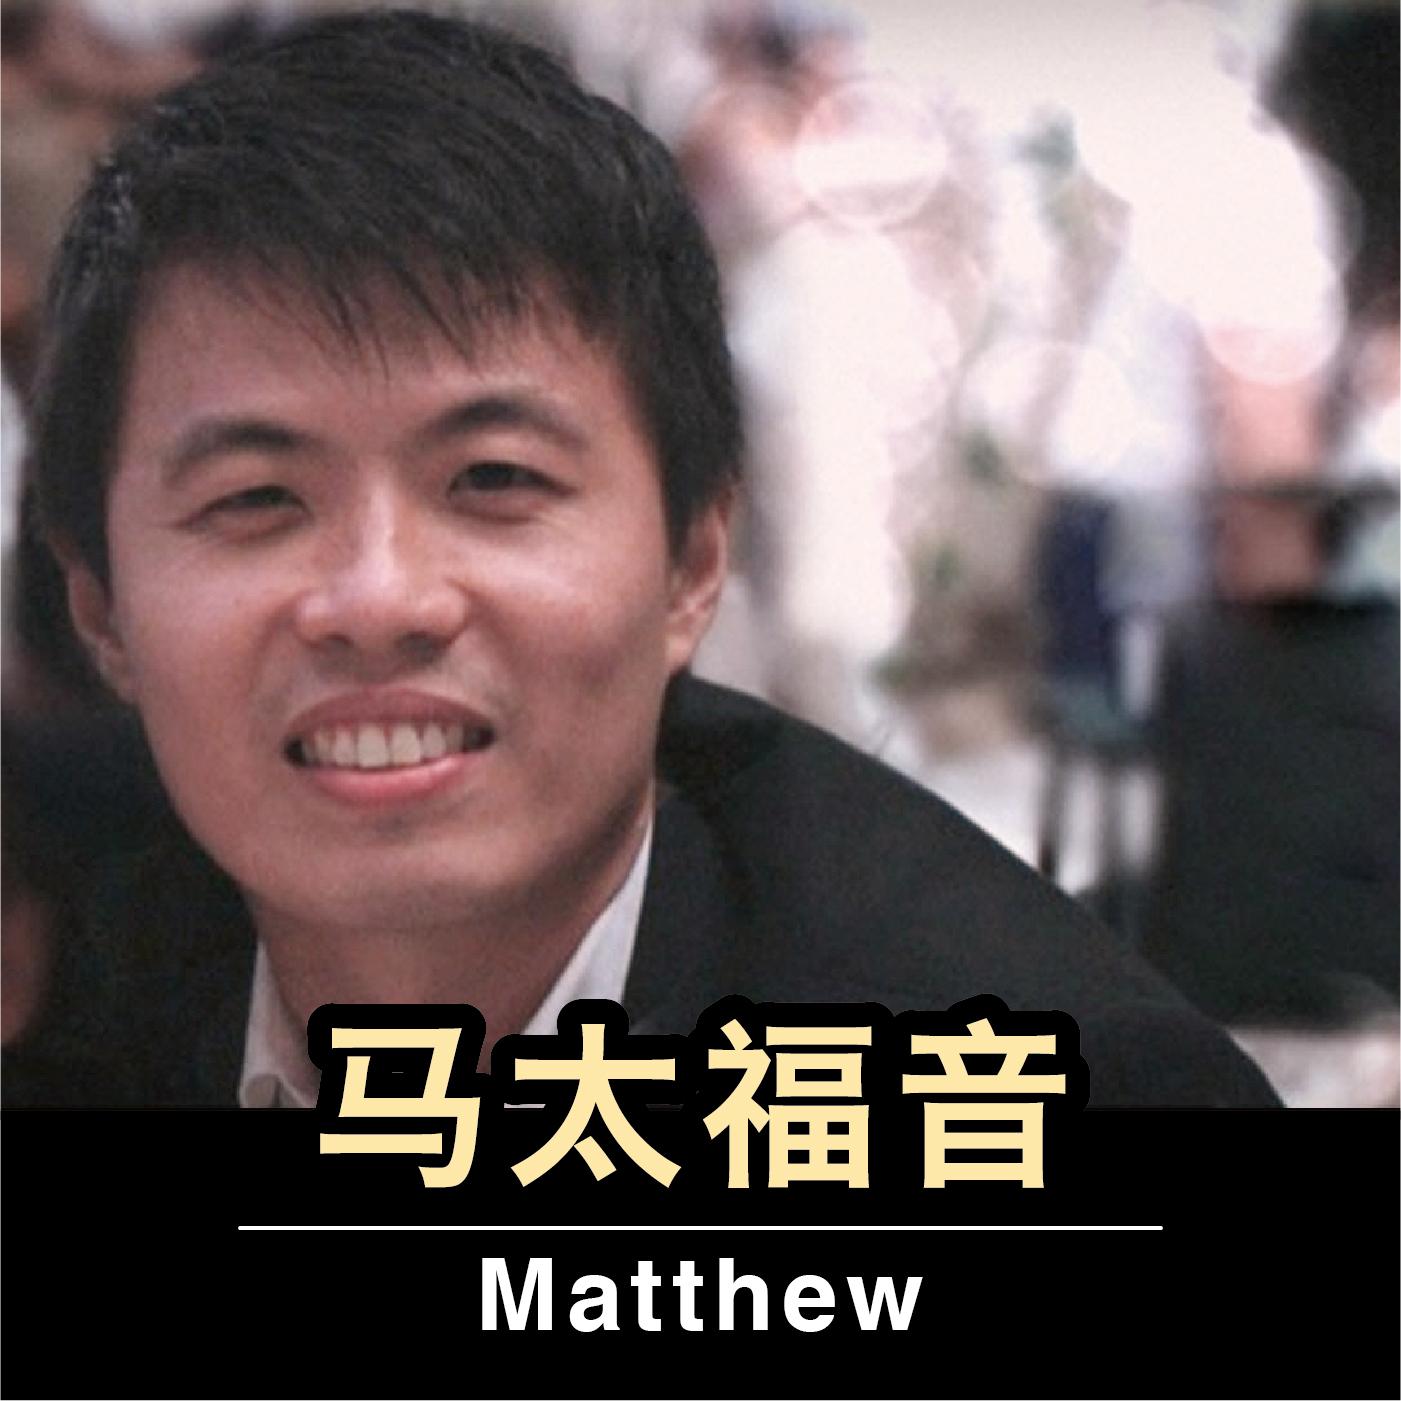 圣经--40马太福音新约总览--今日耶稣(马可,路加)(朱志山牧师)[新加坡基督生命堂]